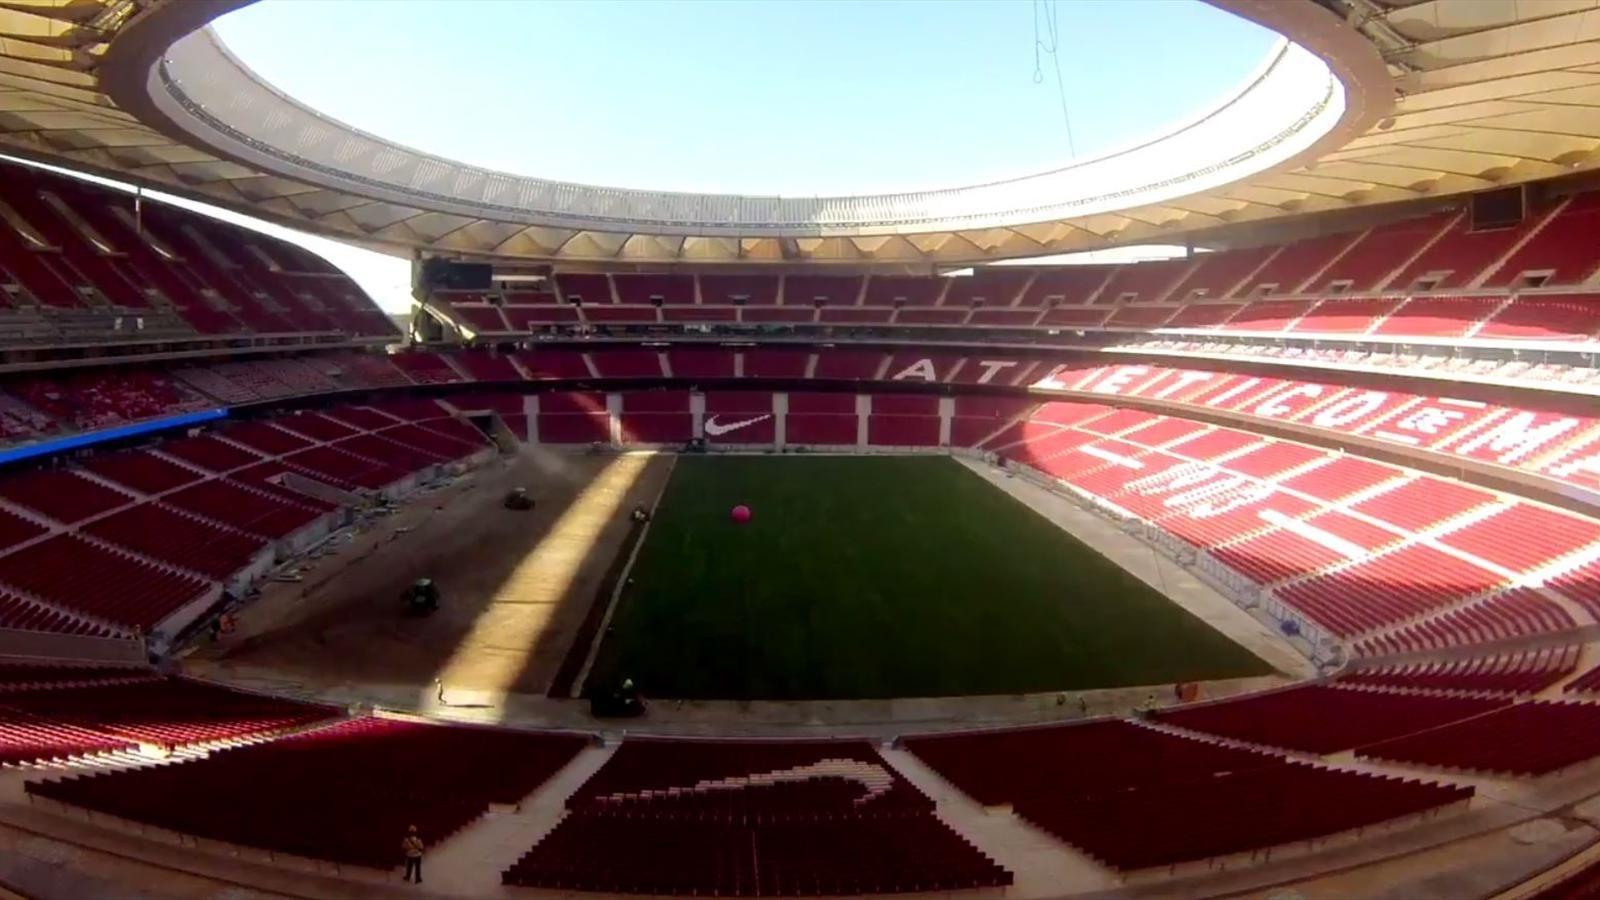 El TSJM anula el planeamiento urbanístico del Wanda Metropolitano